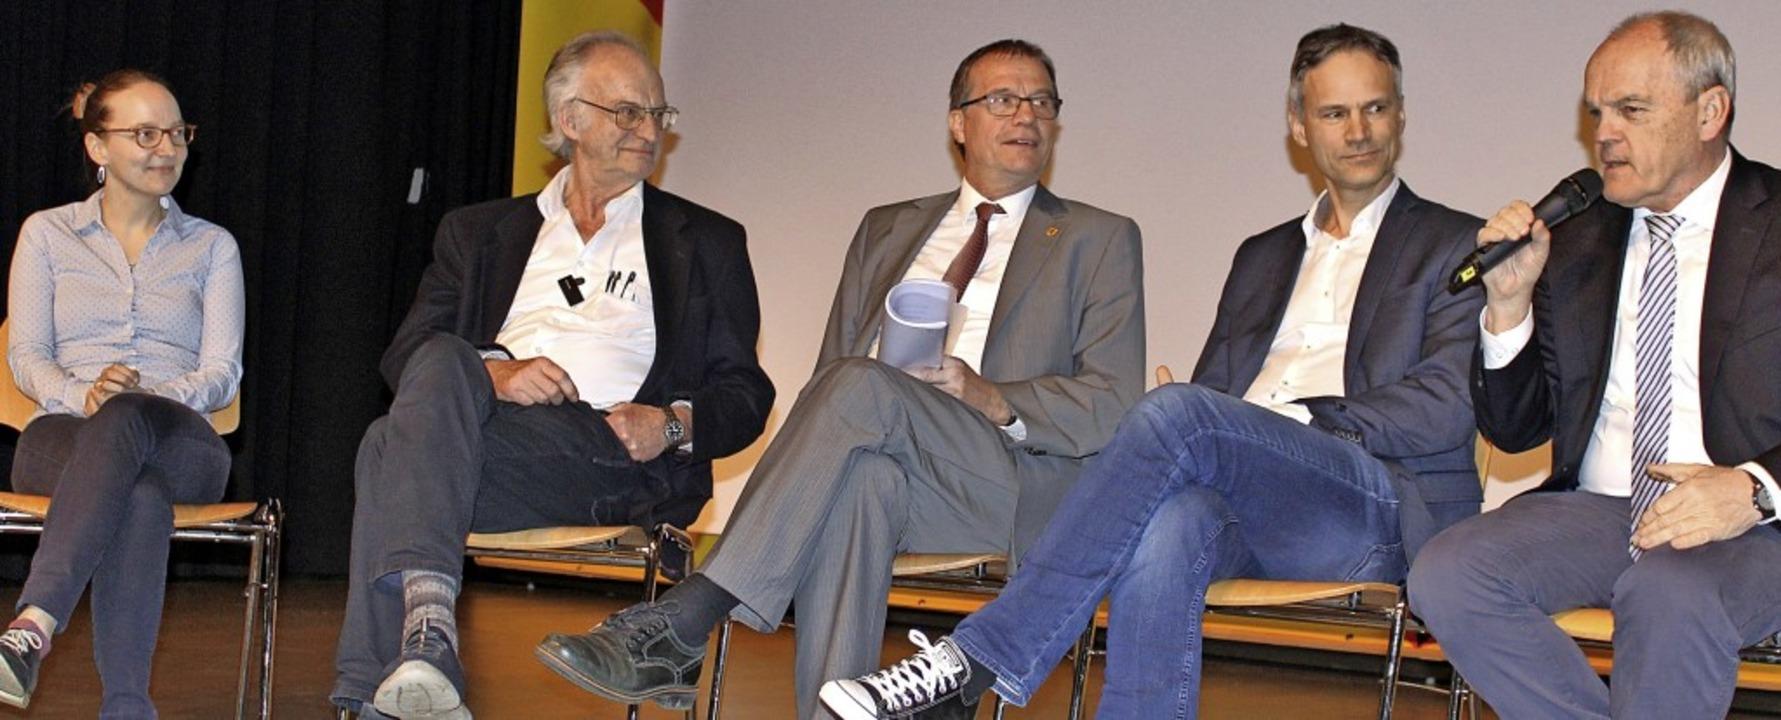 Über die  Versorgung sprachen  Ellen H...mann und Johannes Fechner (von links).    Foto: Rolf Reißmann